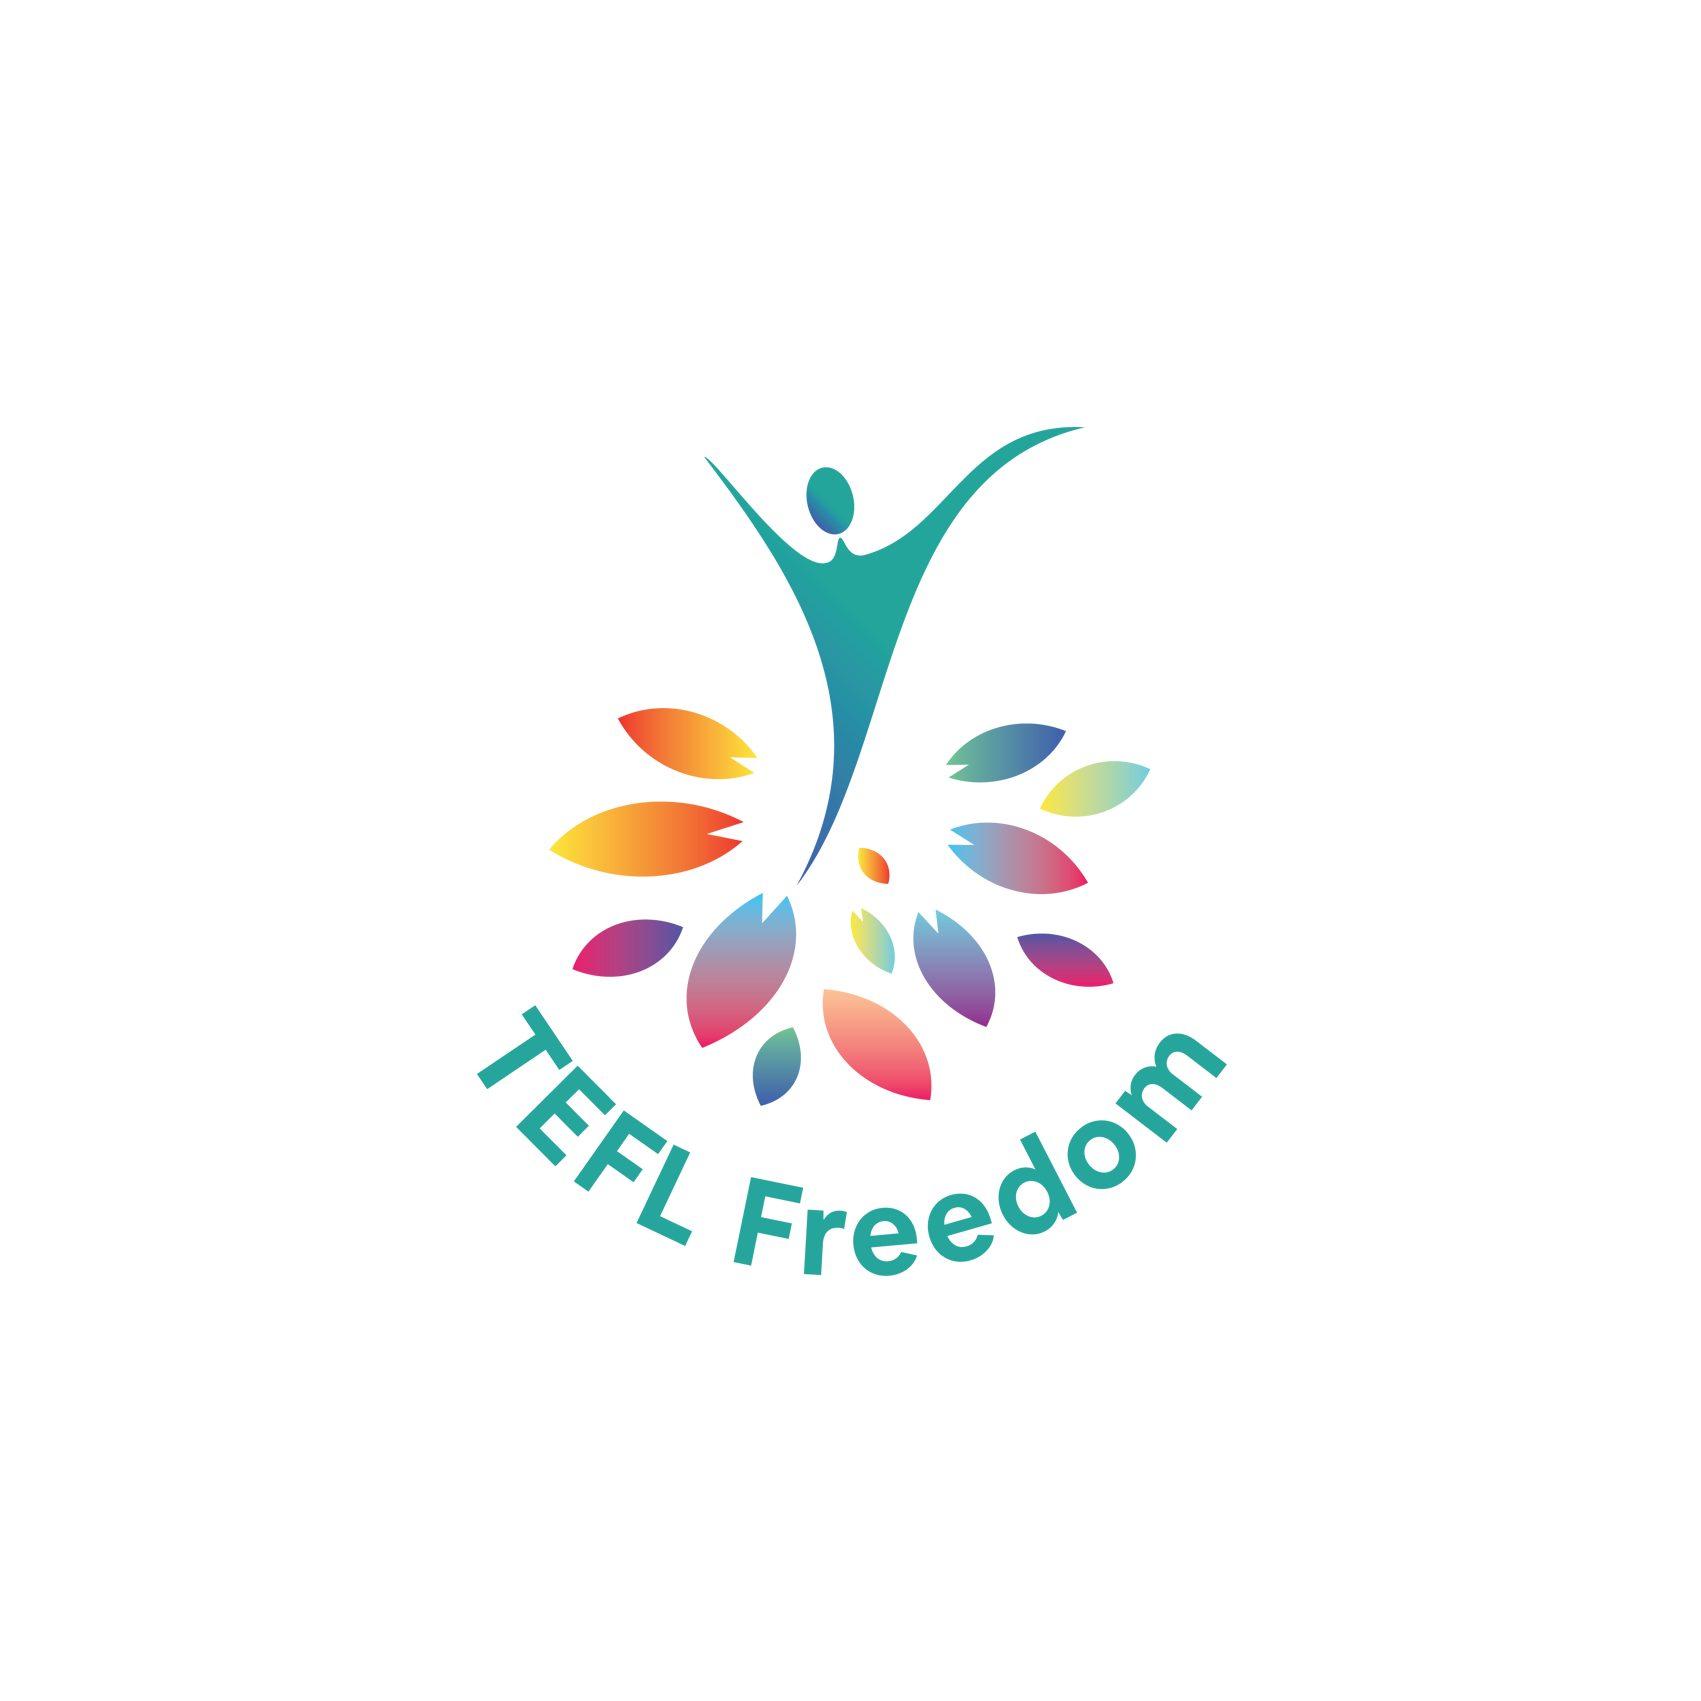 FreedomTEFLlogo thiết kế bởi Helixgram thiết kế logo trọn bộ nhận diện thương hiệu thiết kế hình ảnh đại diện brand identity thiết kế đồ họa in ấn quảng cáo thiết kế website WordPress Helixgram